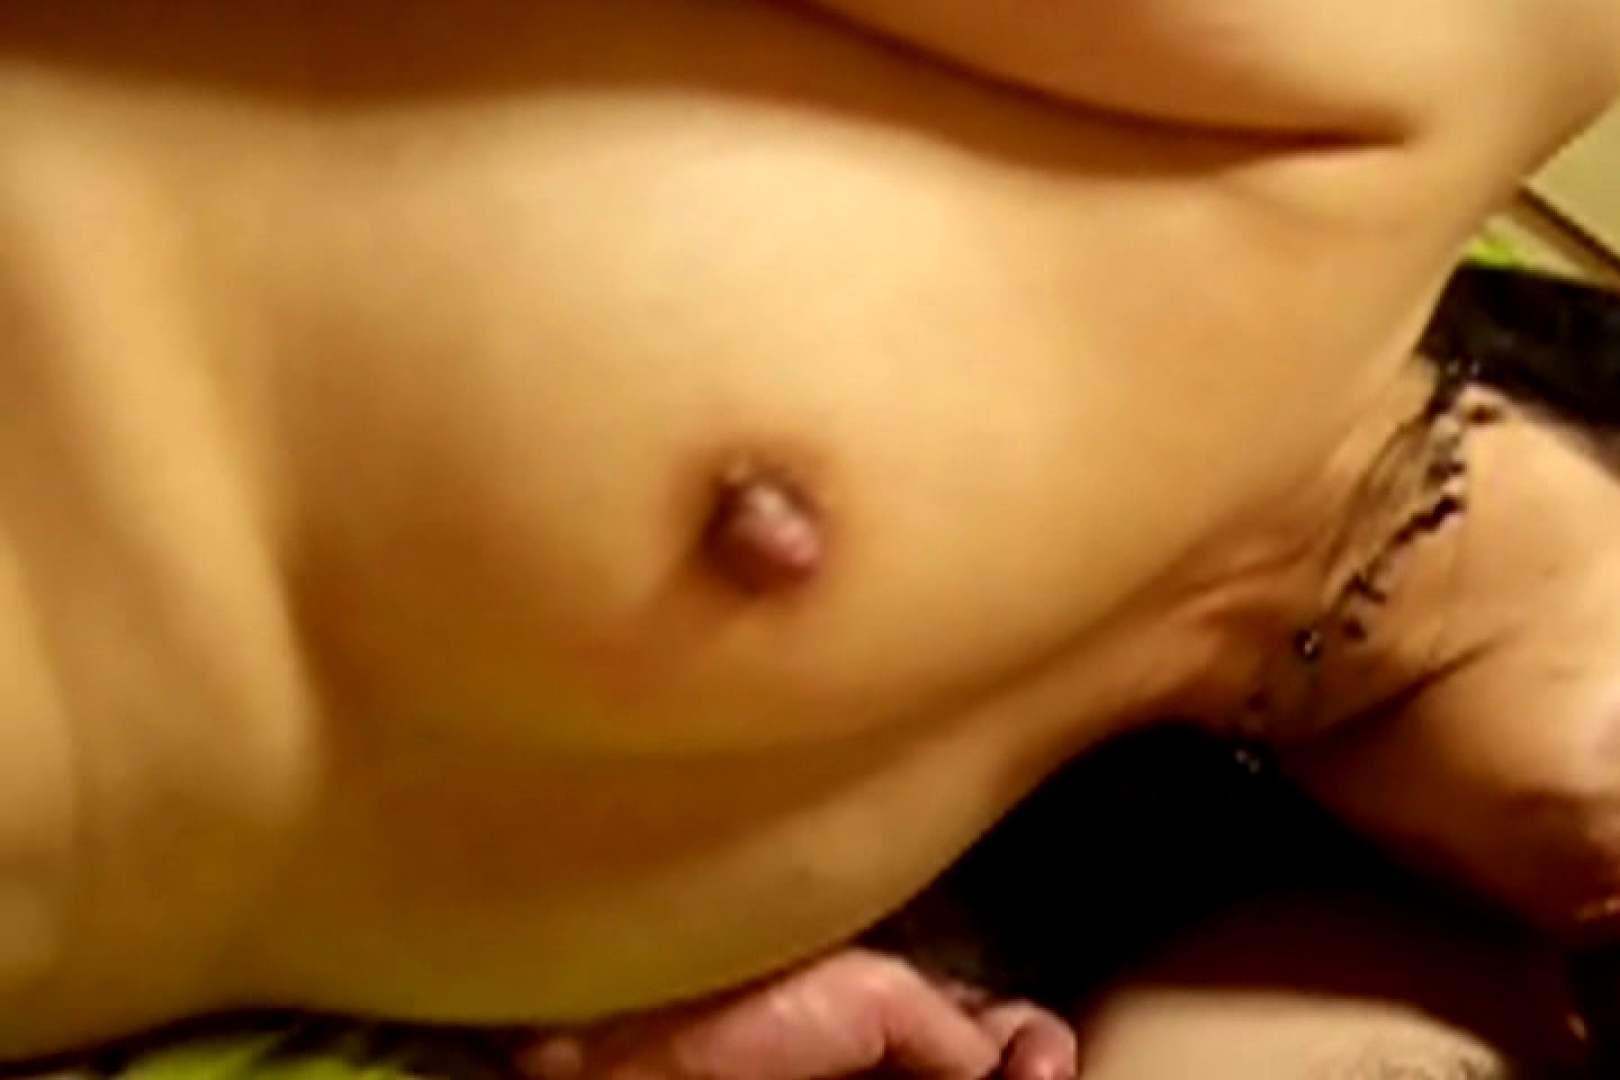 ウイルス流出 スクラムハット社長のアルバム マンコ | オナニー覗き見  106pic 33